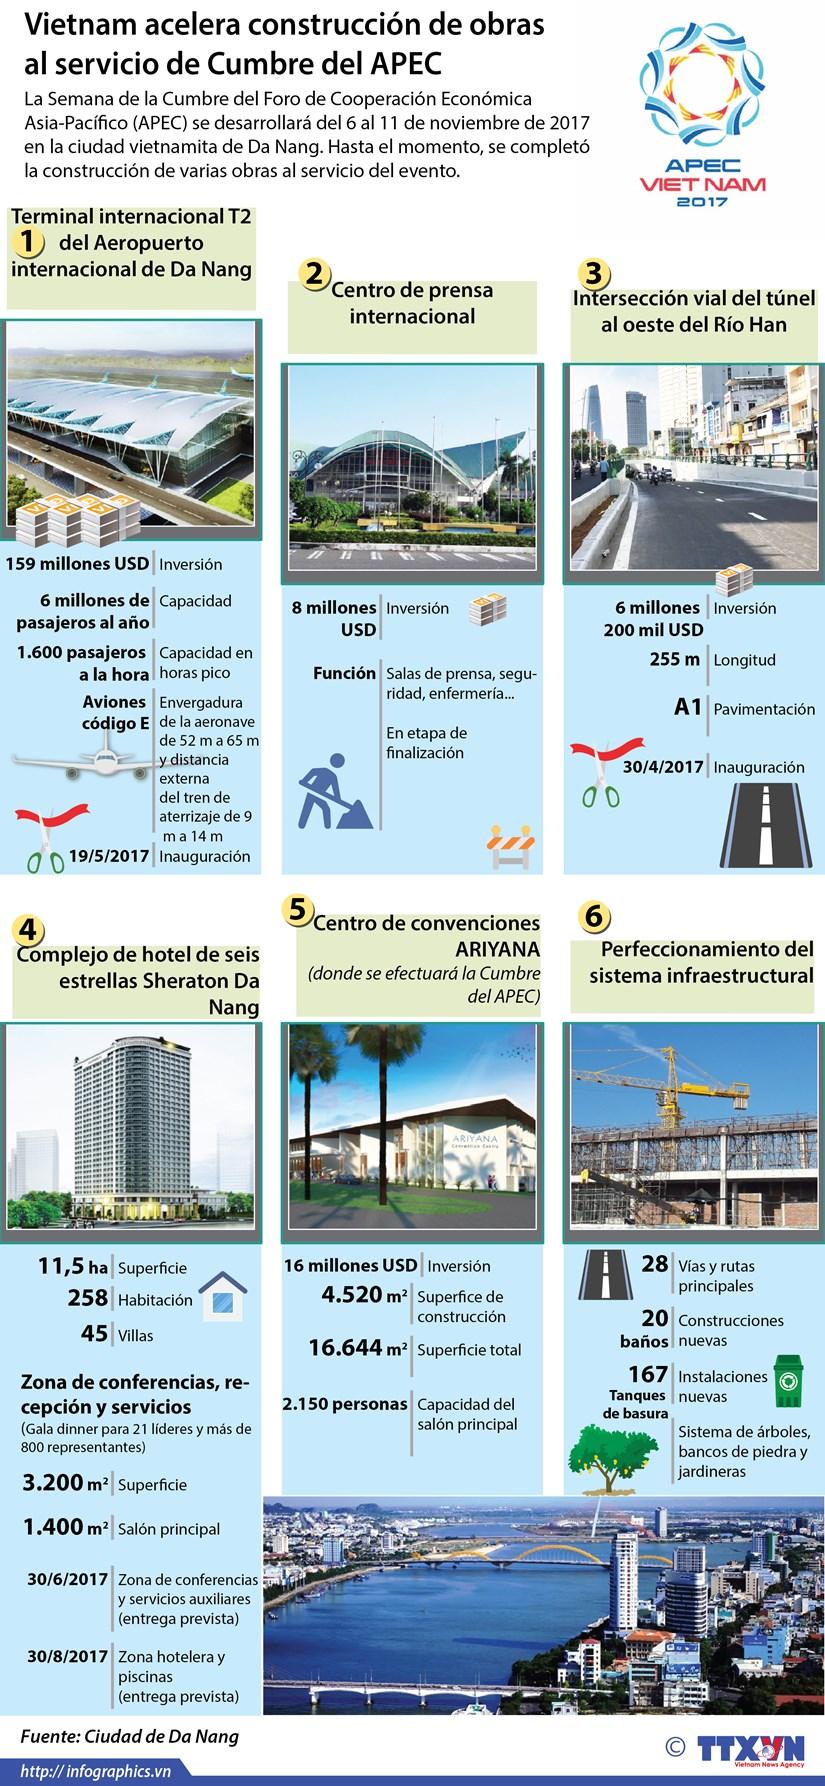 [Infografia] Vietnam acelera construccion de obras al servicio de Cumbre del APEC hinh anh 1